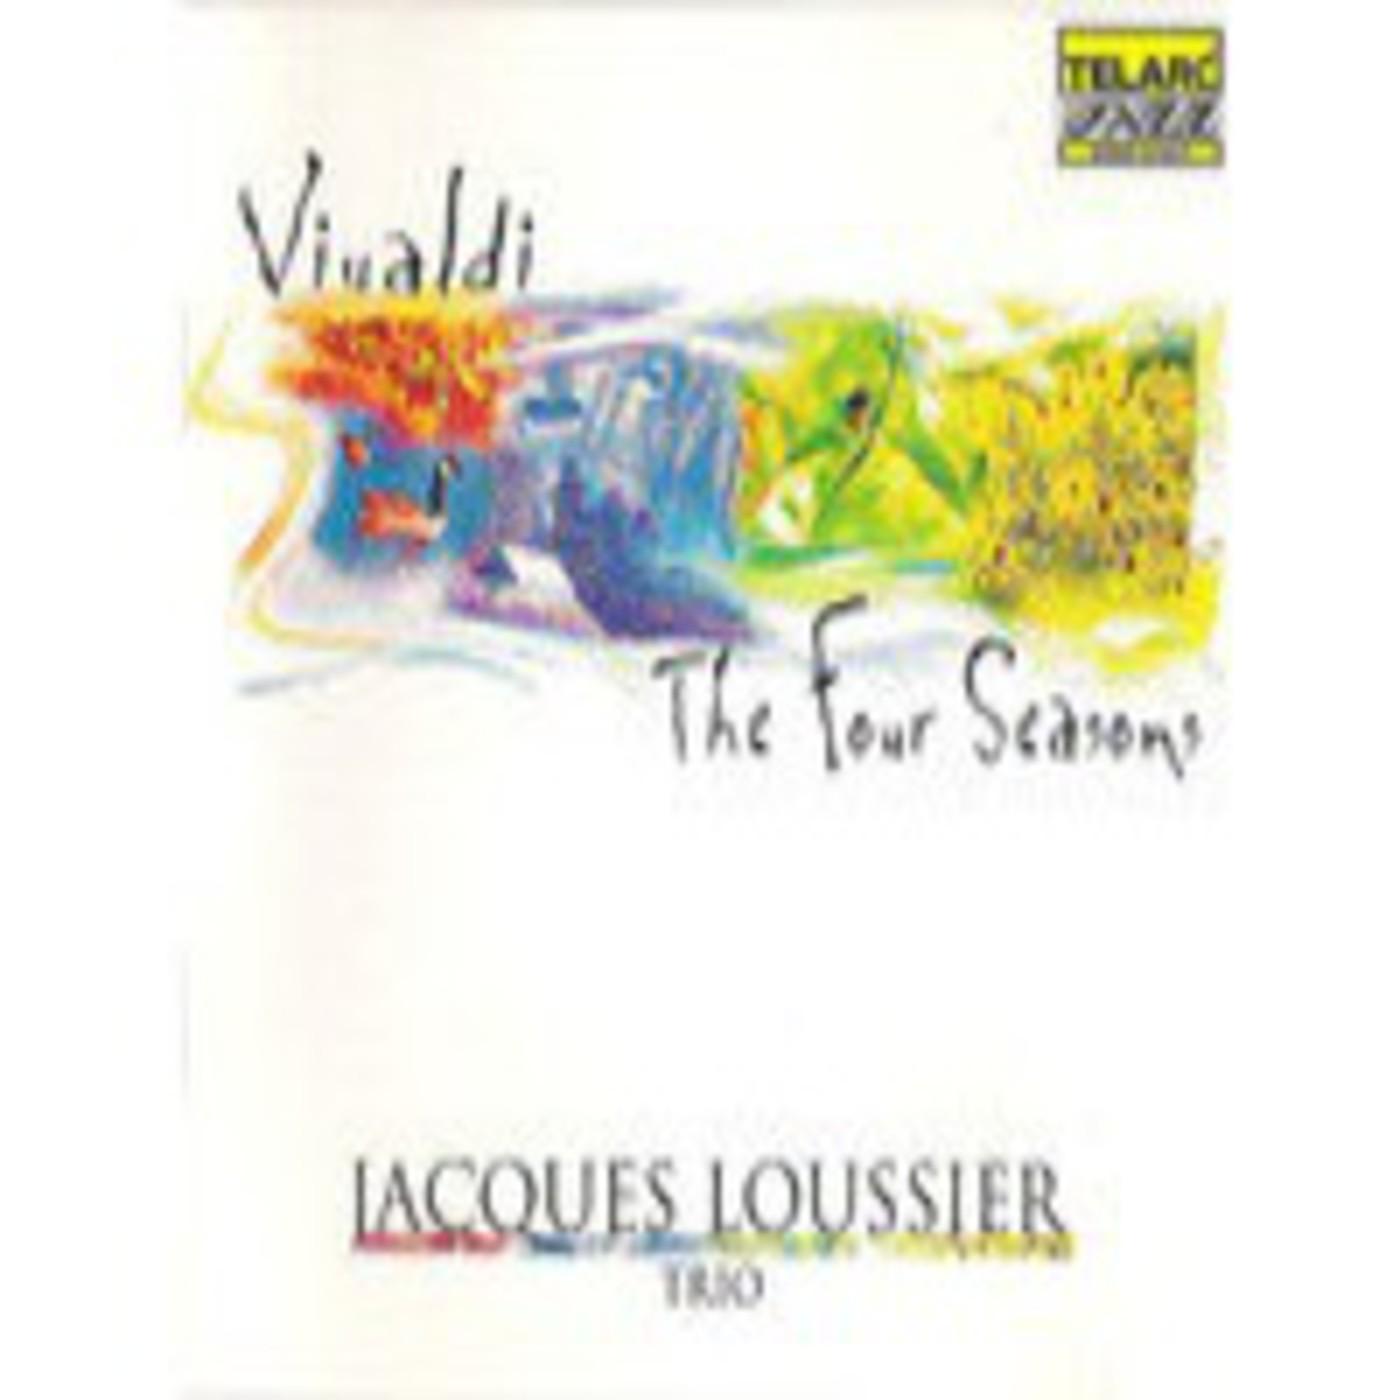 Las Cuatro Estaciones De Vivaldi A Ritmo De Jazz (Jacques Loussier Trio)